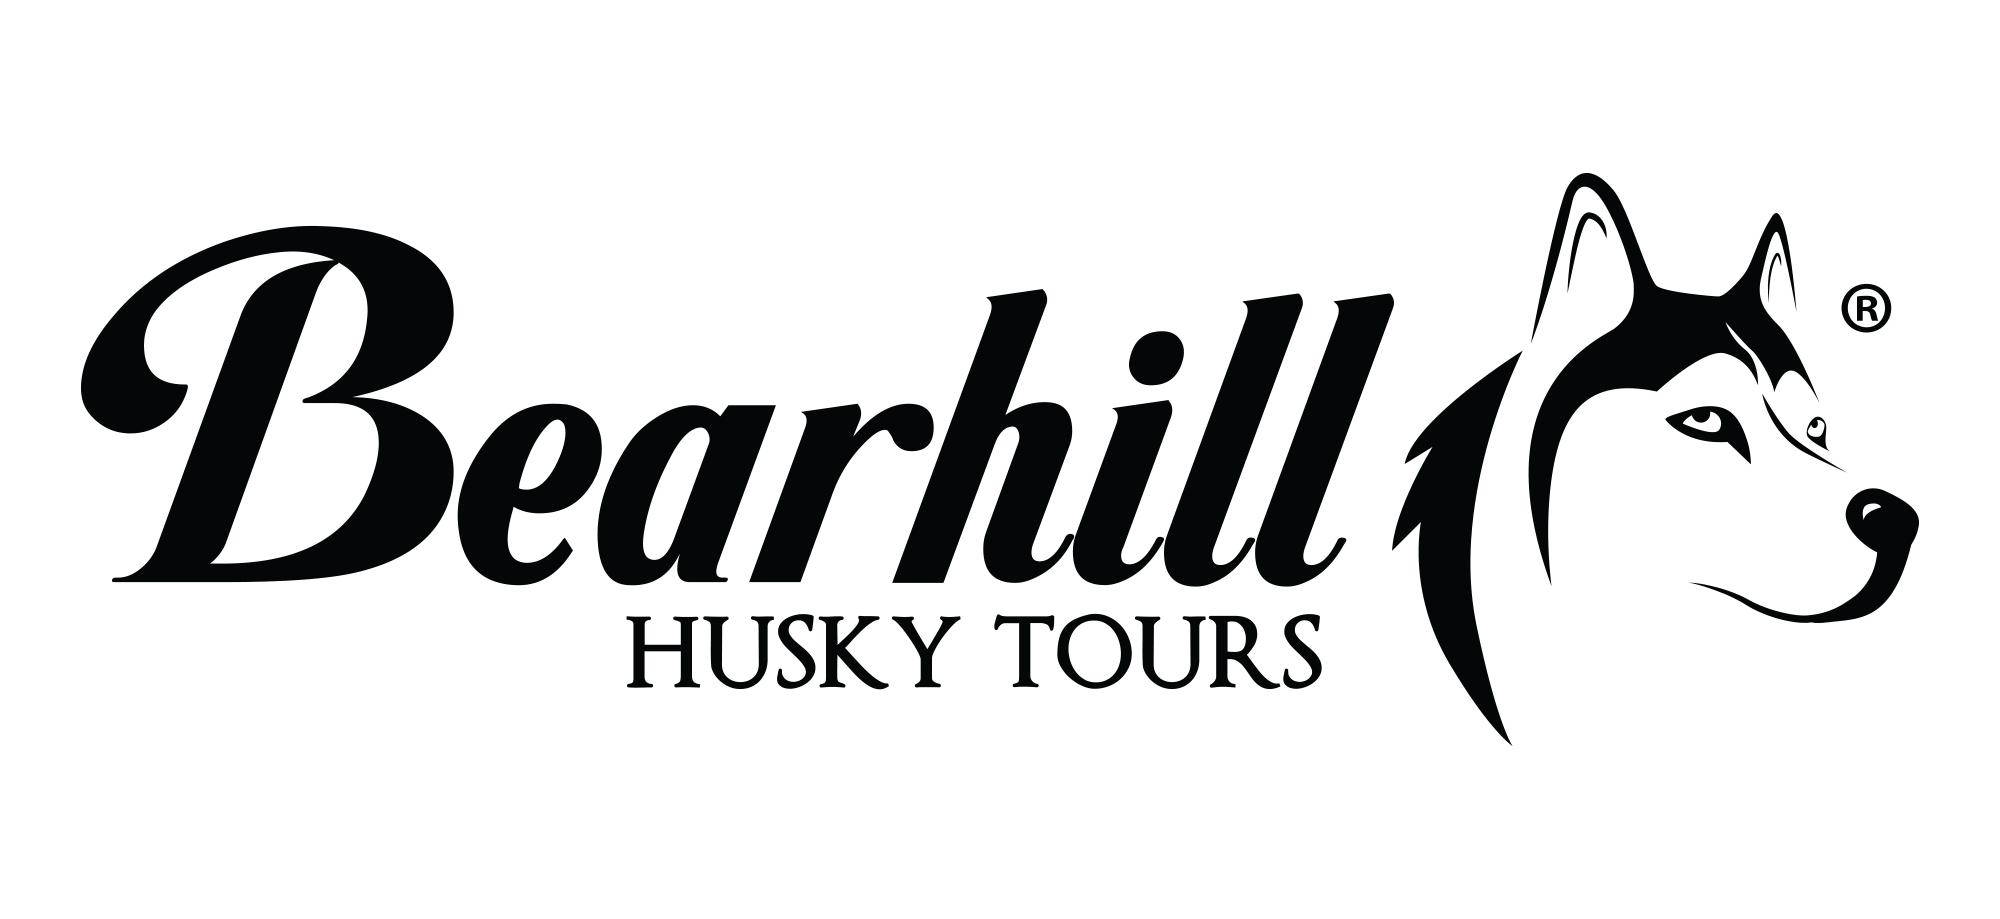 Bearhill Husky Tours on VUL kannattajajäsen